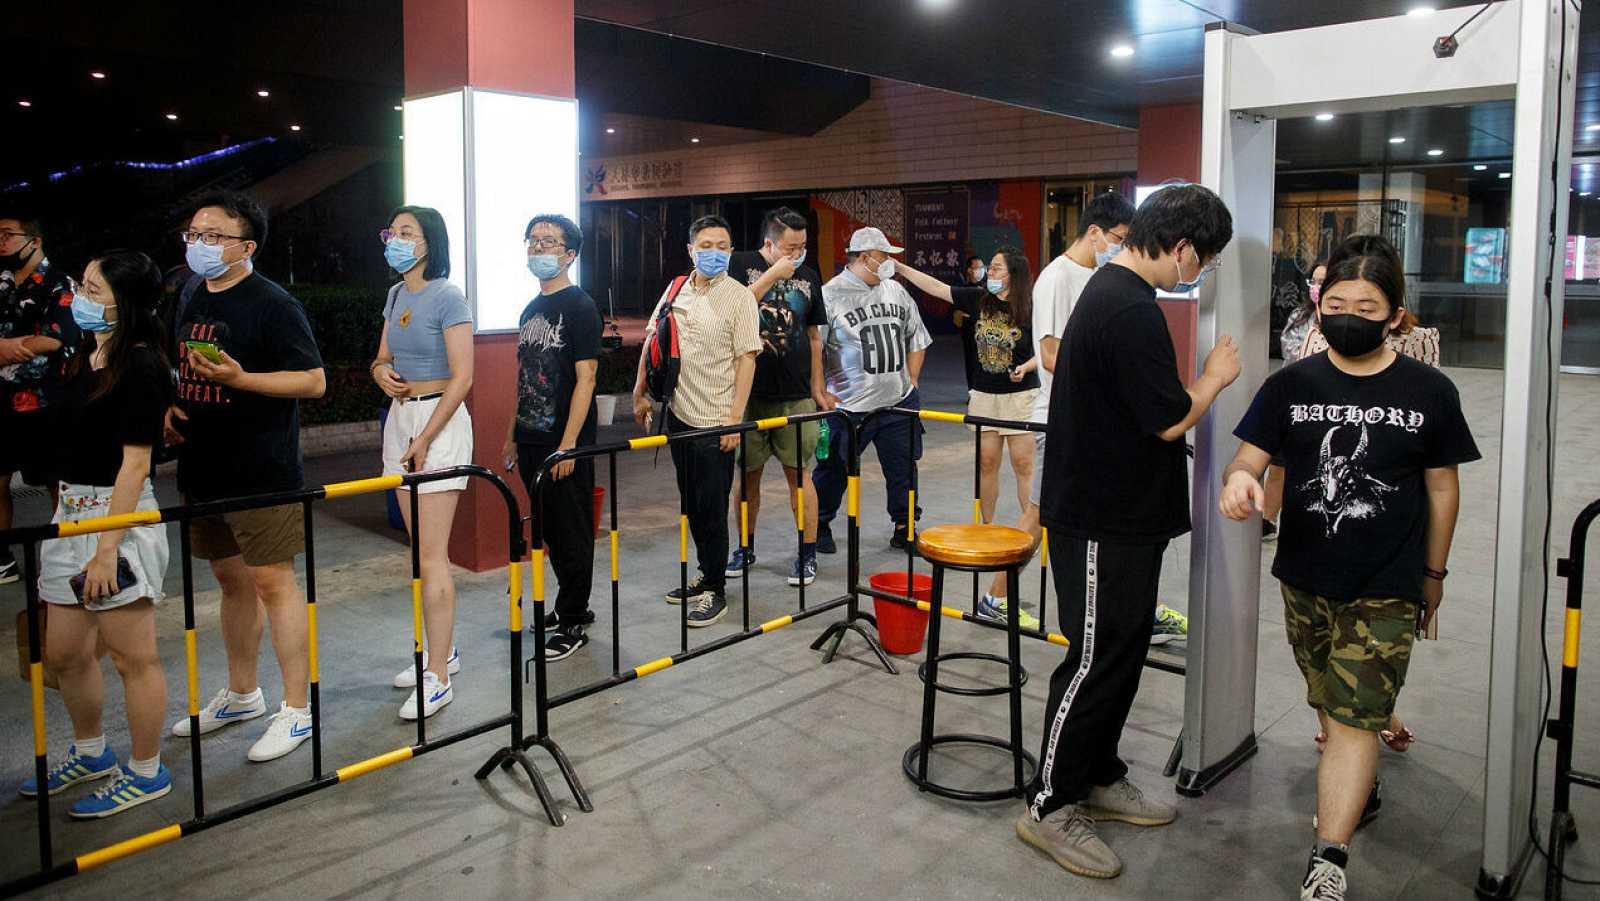 Personas llegan para disfrutar de un concierto de heavy metal en Beijing, China.